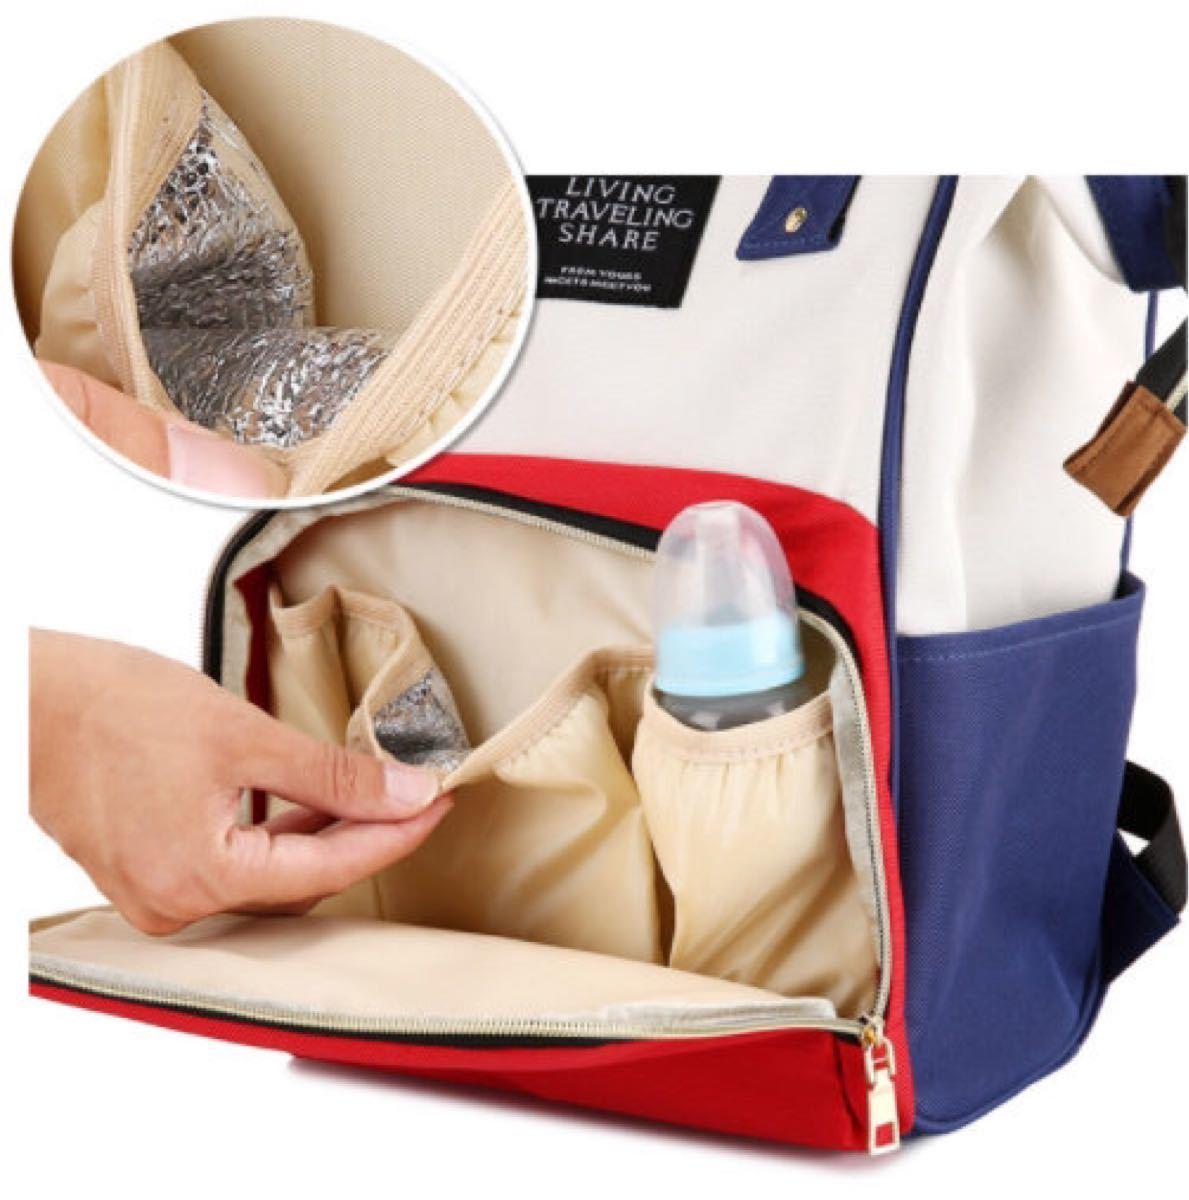 マザーズバッグ マザーズリュック 大容量 レディース リュック バッグ  ママバッグ